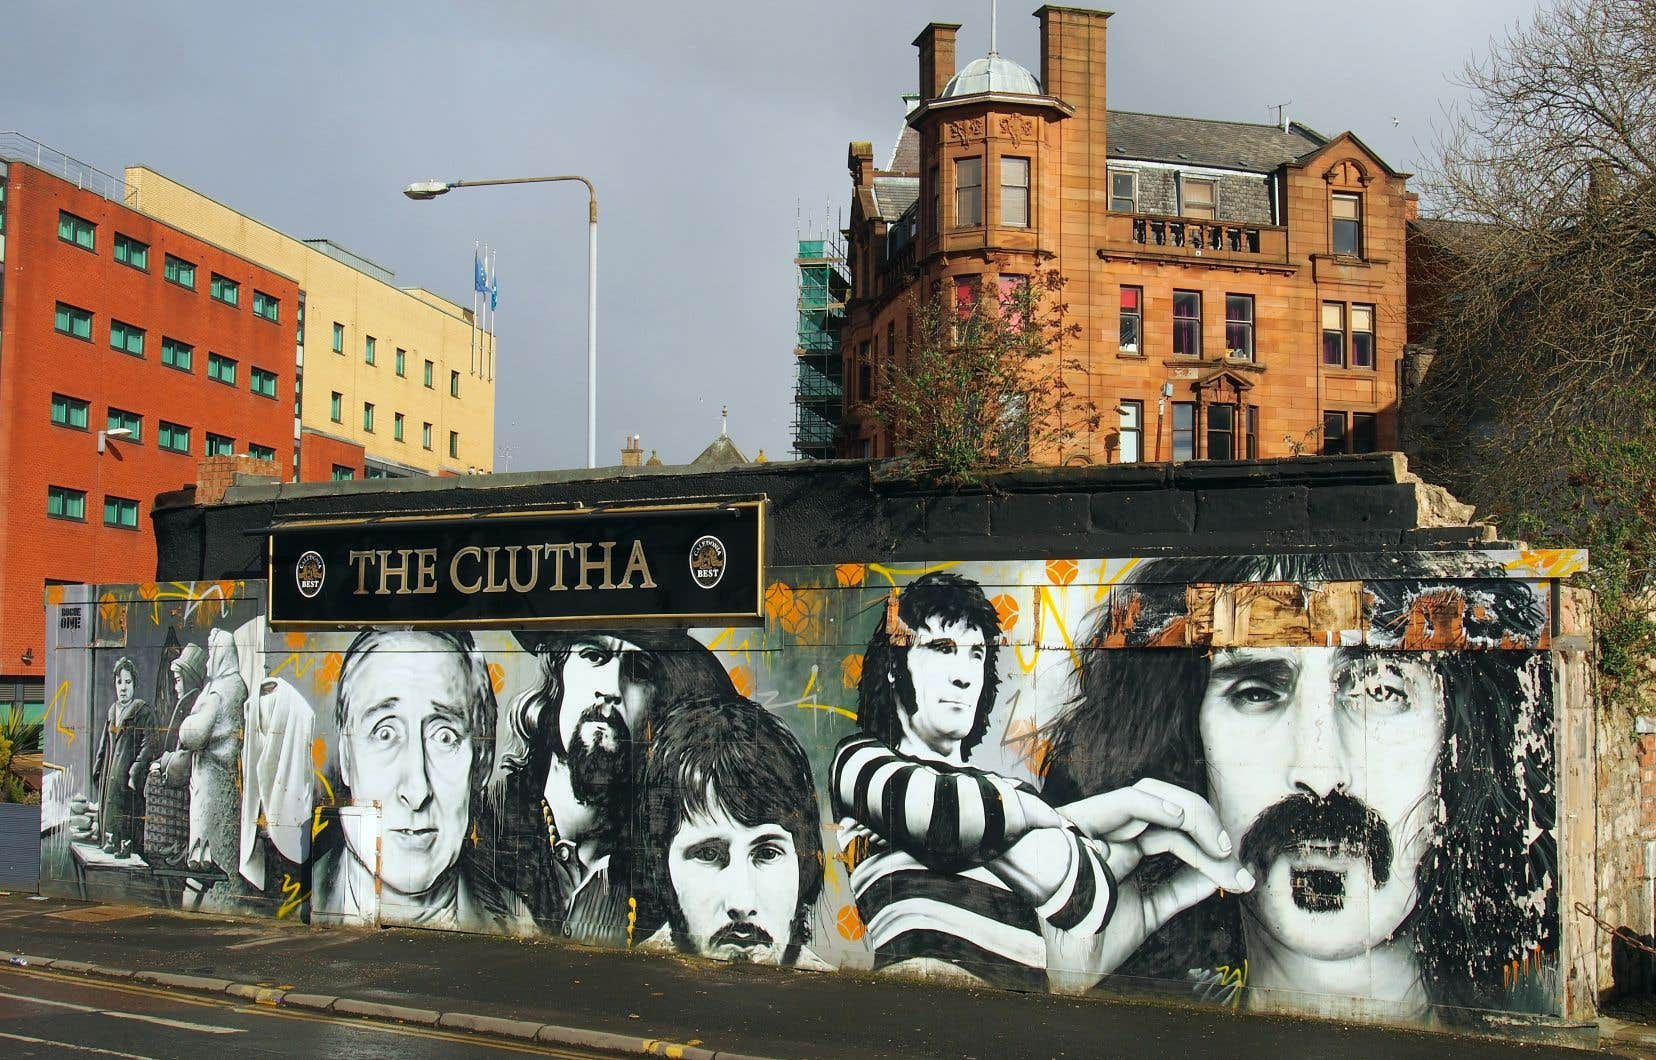 Une murale commémore l'écrasement d'un hélicoptère sur le toit du bar Clutha, en 2013, qui a causé la mort de 10 personnes.